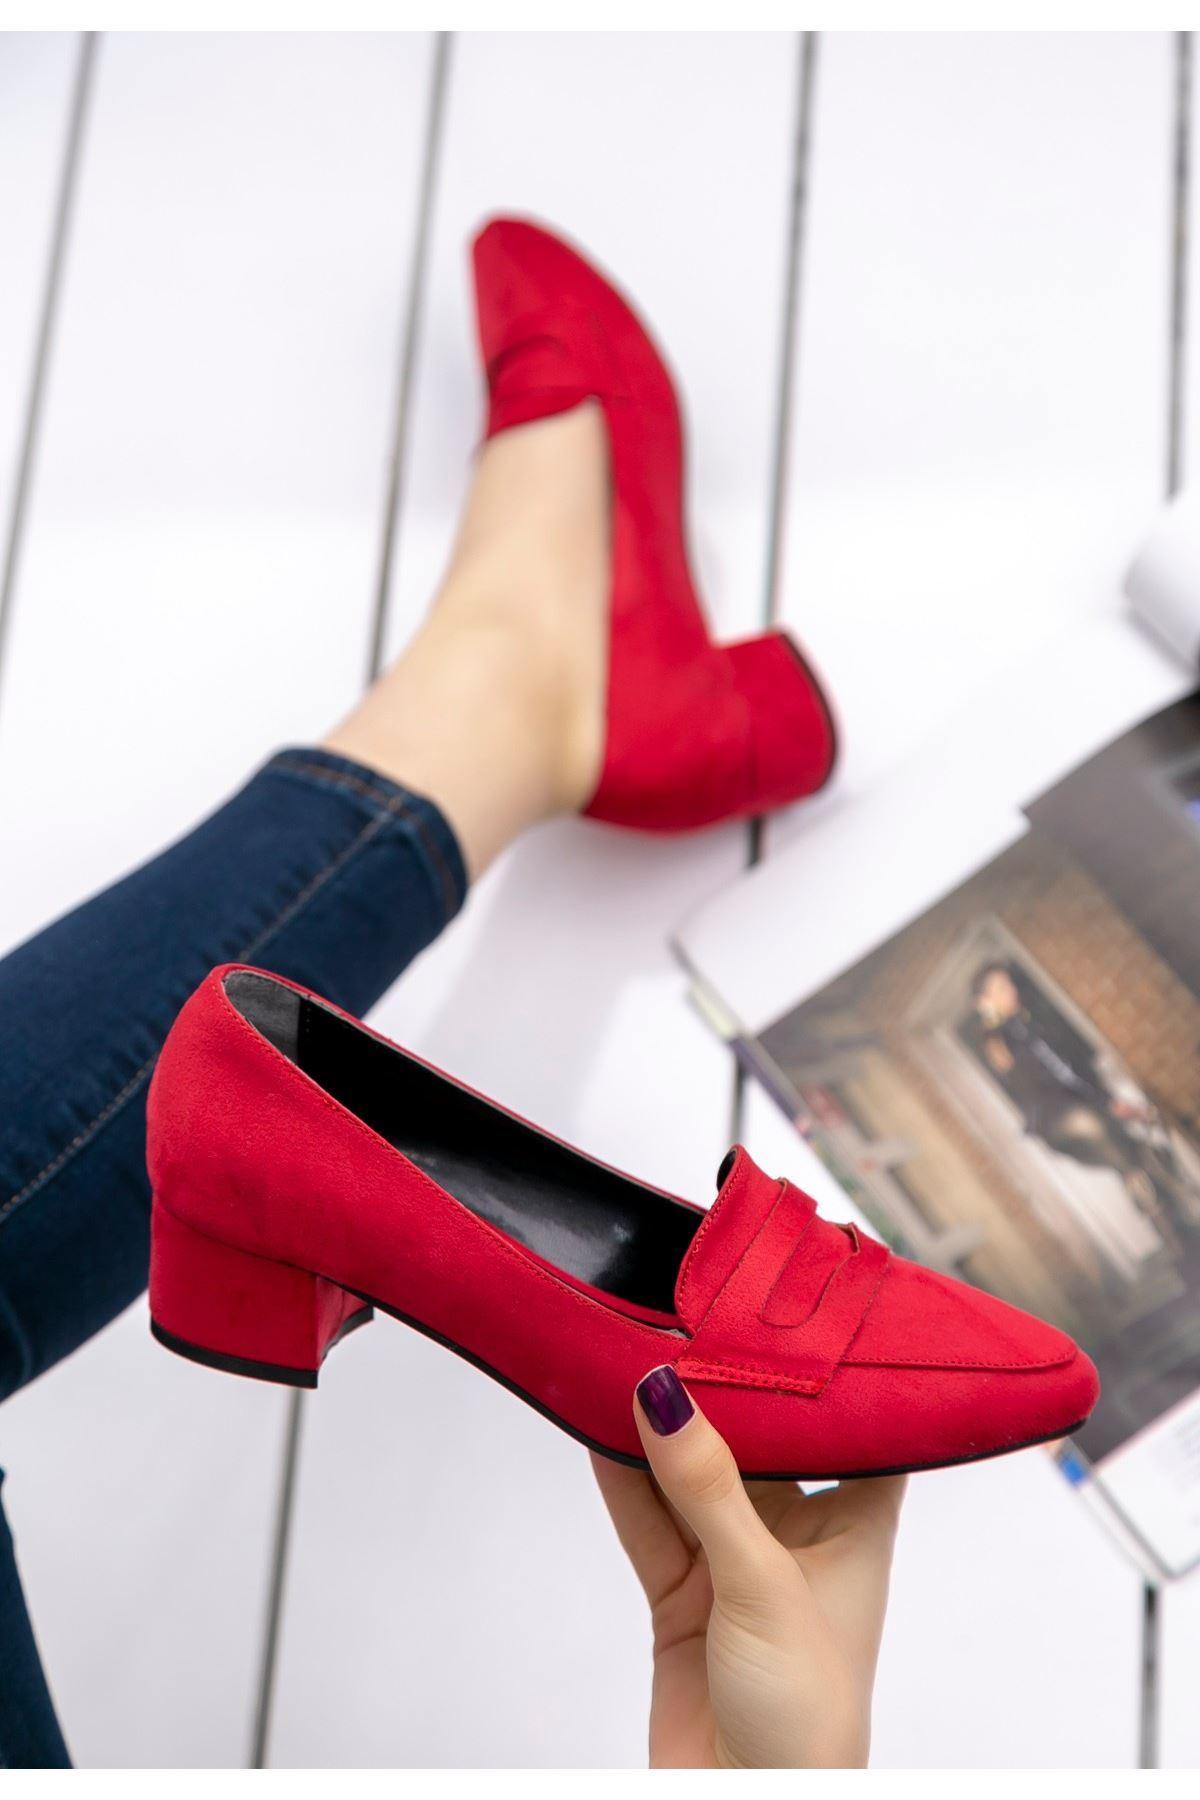 Reyna Kırmızı Süet Topuklu Ayakkabı